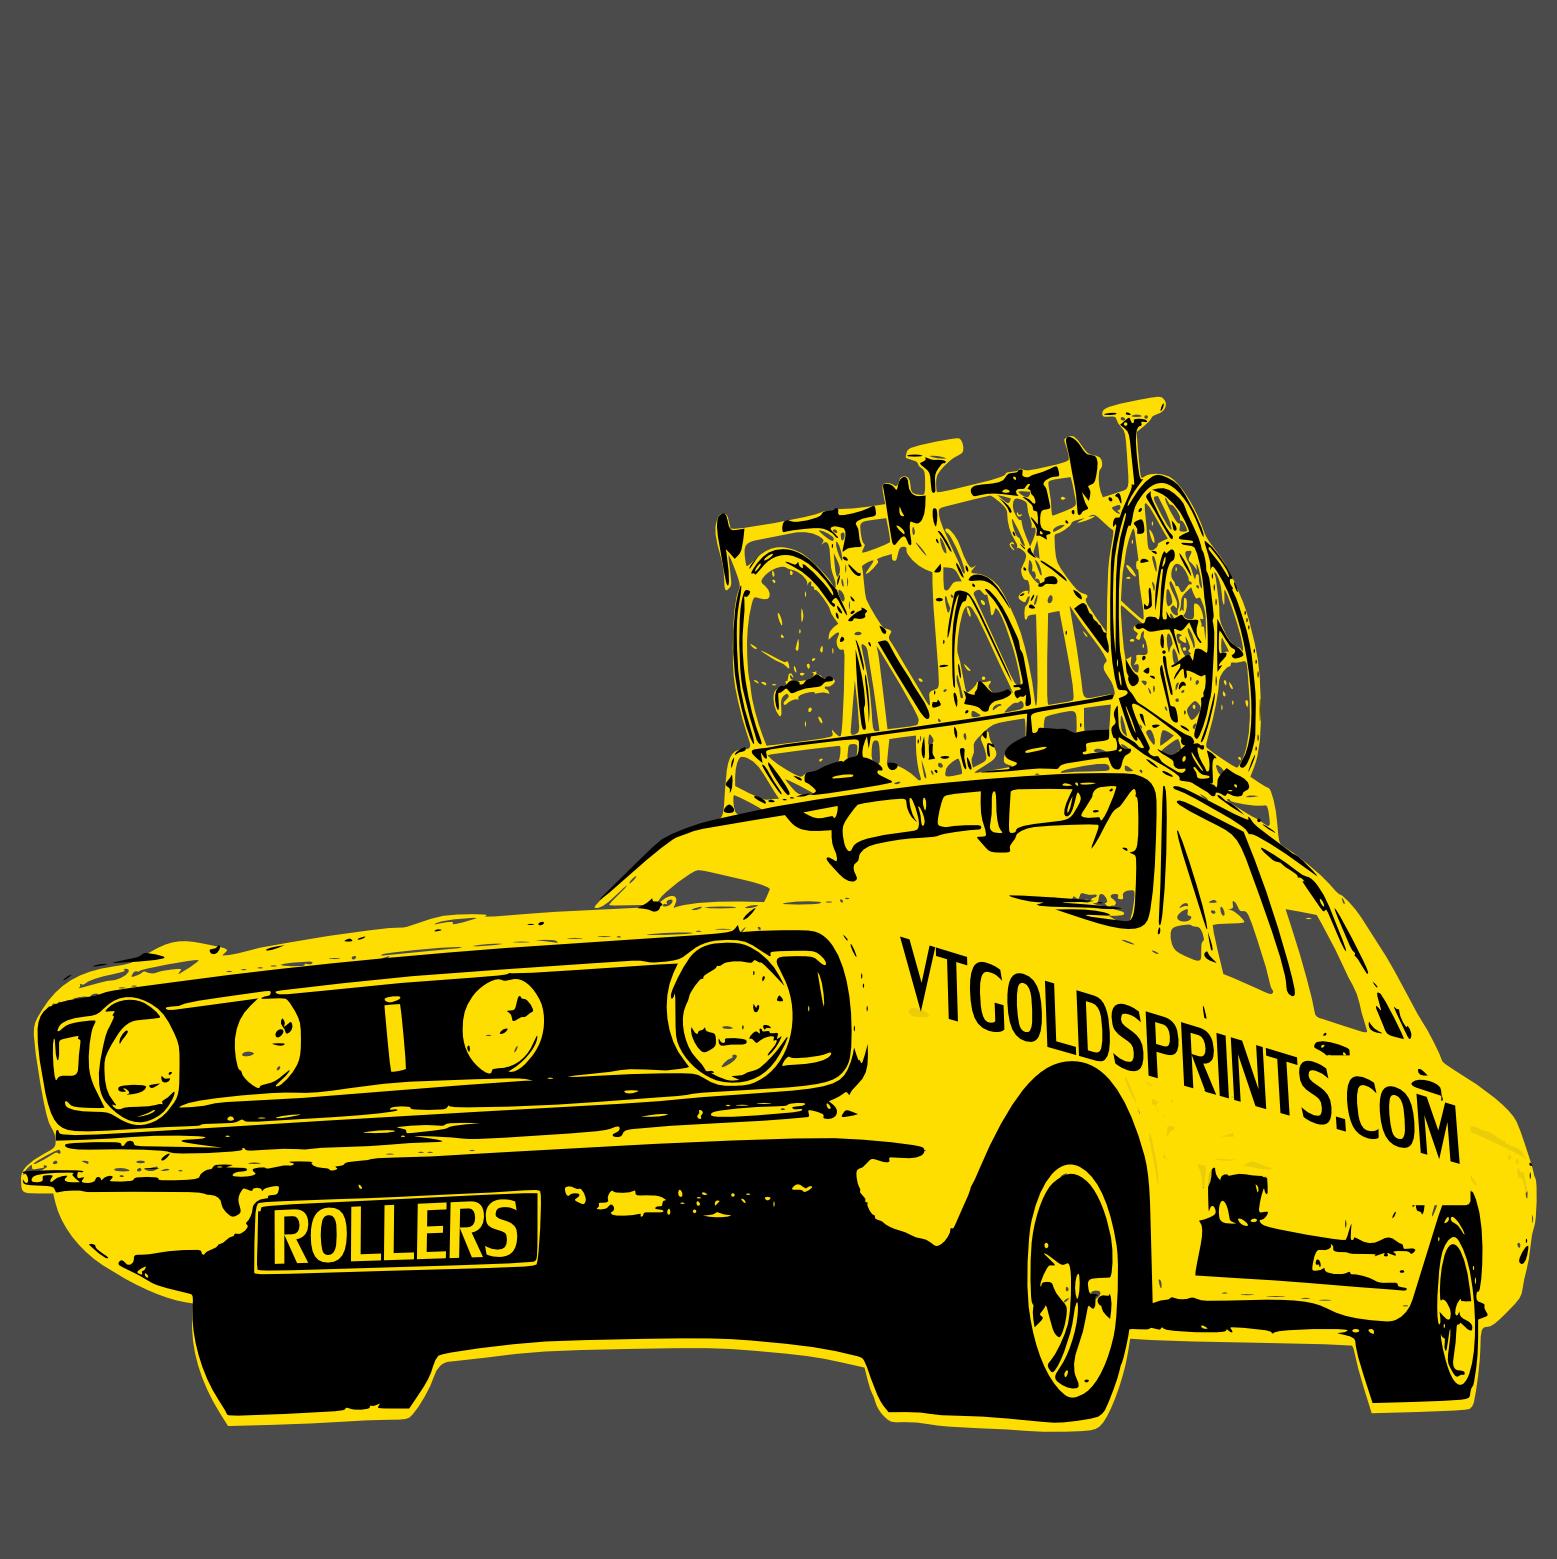 bikecar.png